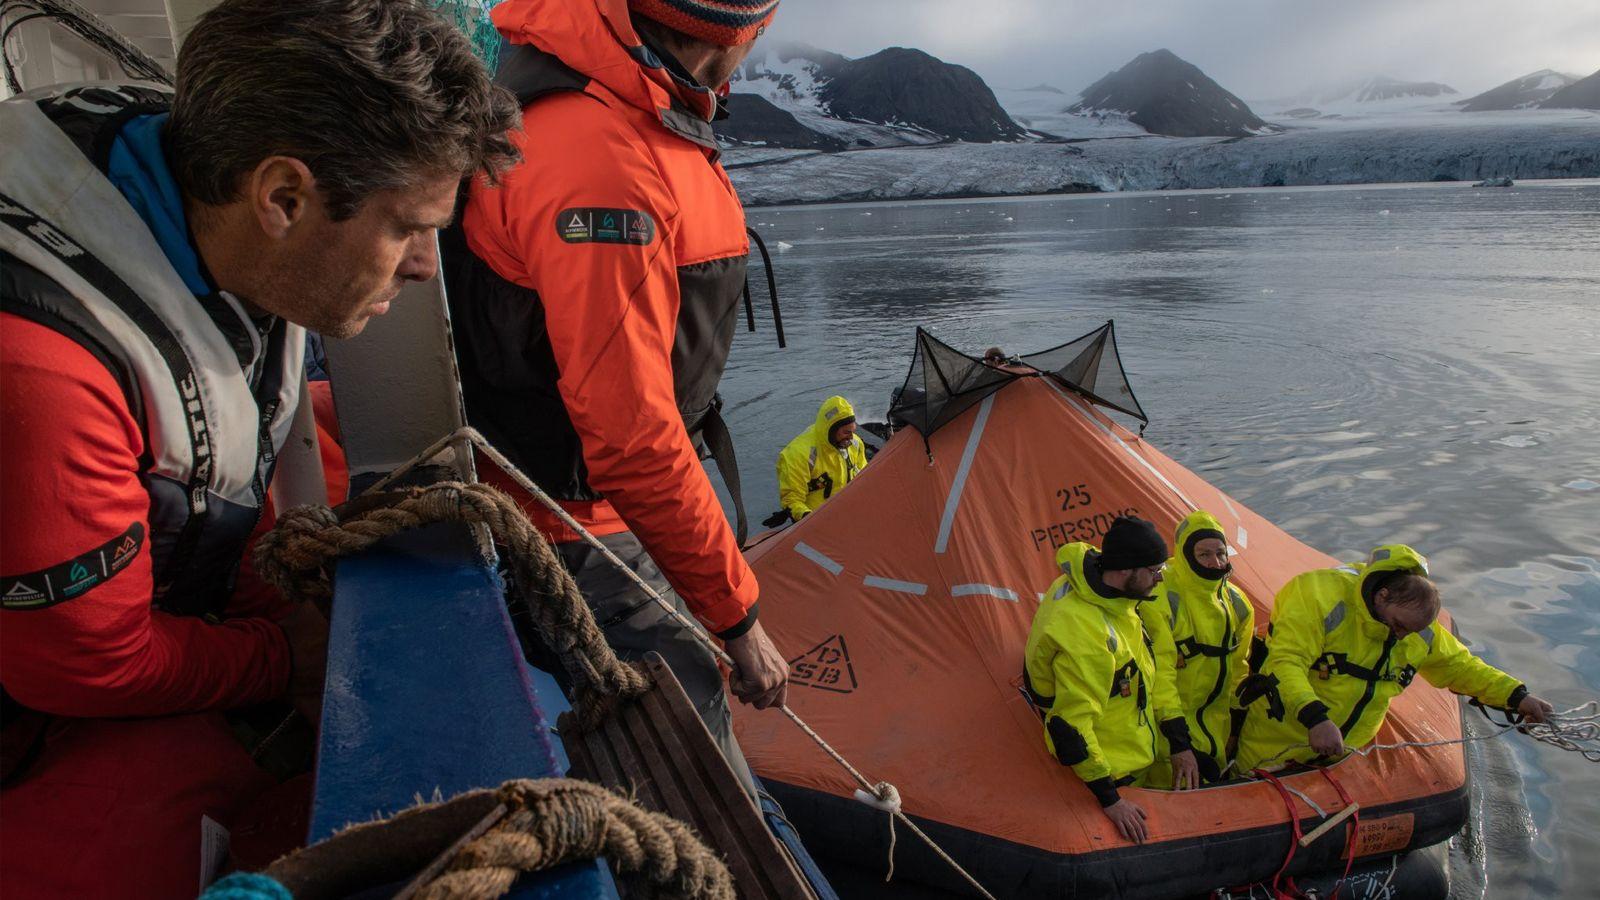 Os participantes da expedição MOSAiC podiam voluntariar-se para fazer um curso de sobrevivência rigoroso de 55 ...